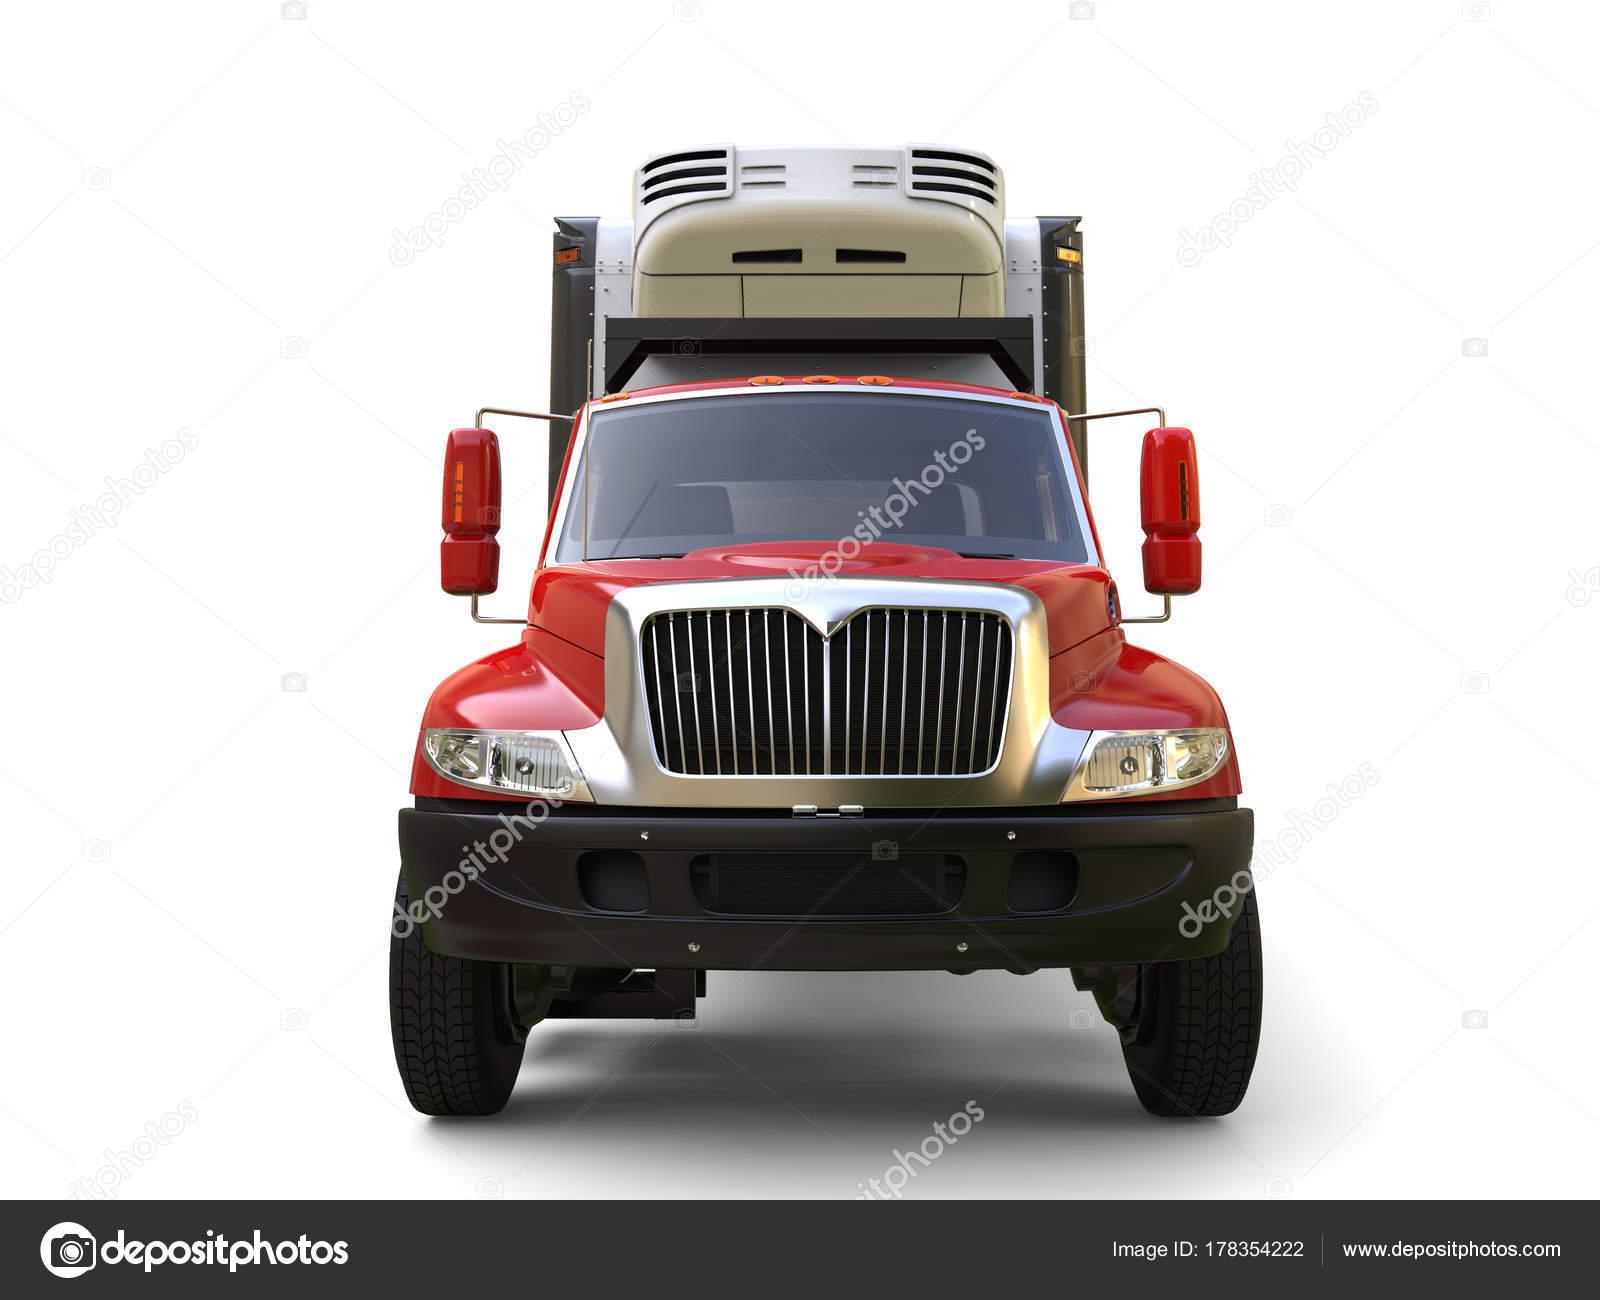 Amerikanischer Kühlschrank Transportieren : Roten kühlschrank lkw vorderansicht u stockfoto trimitrius